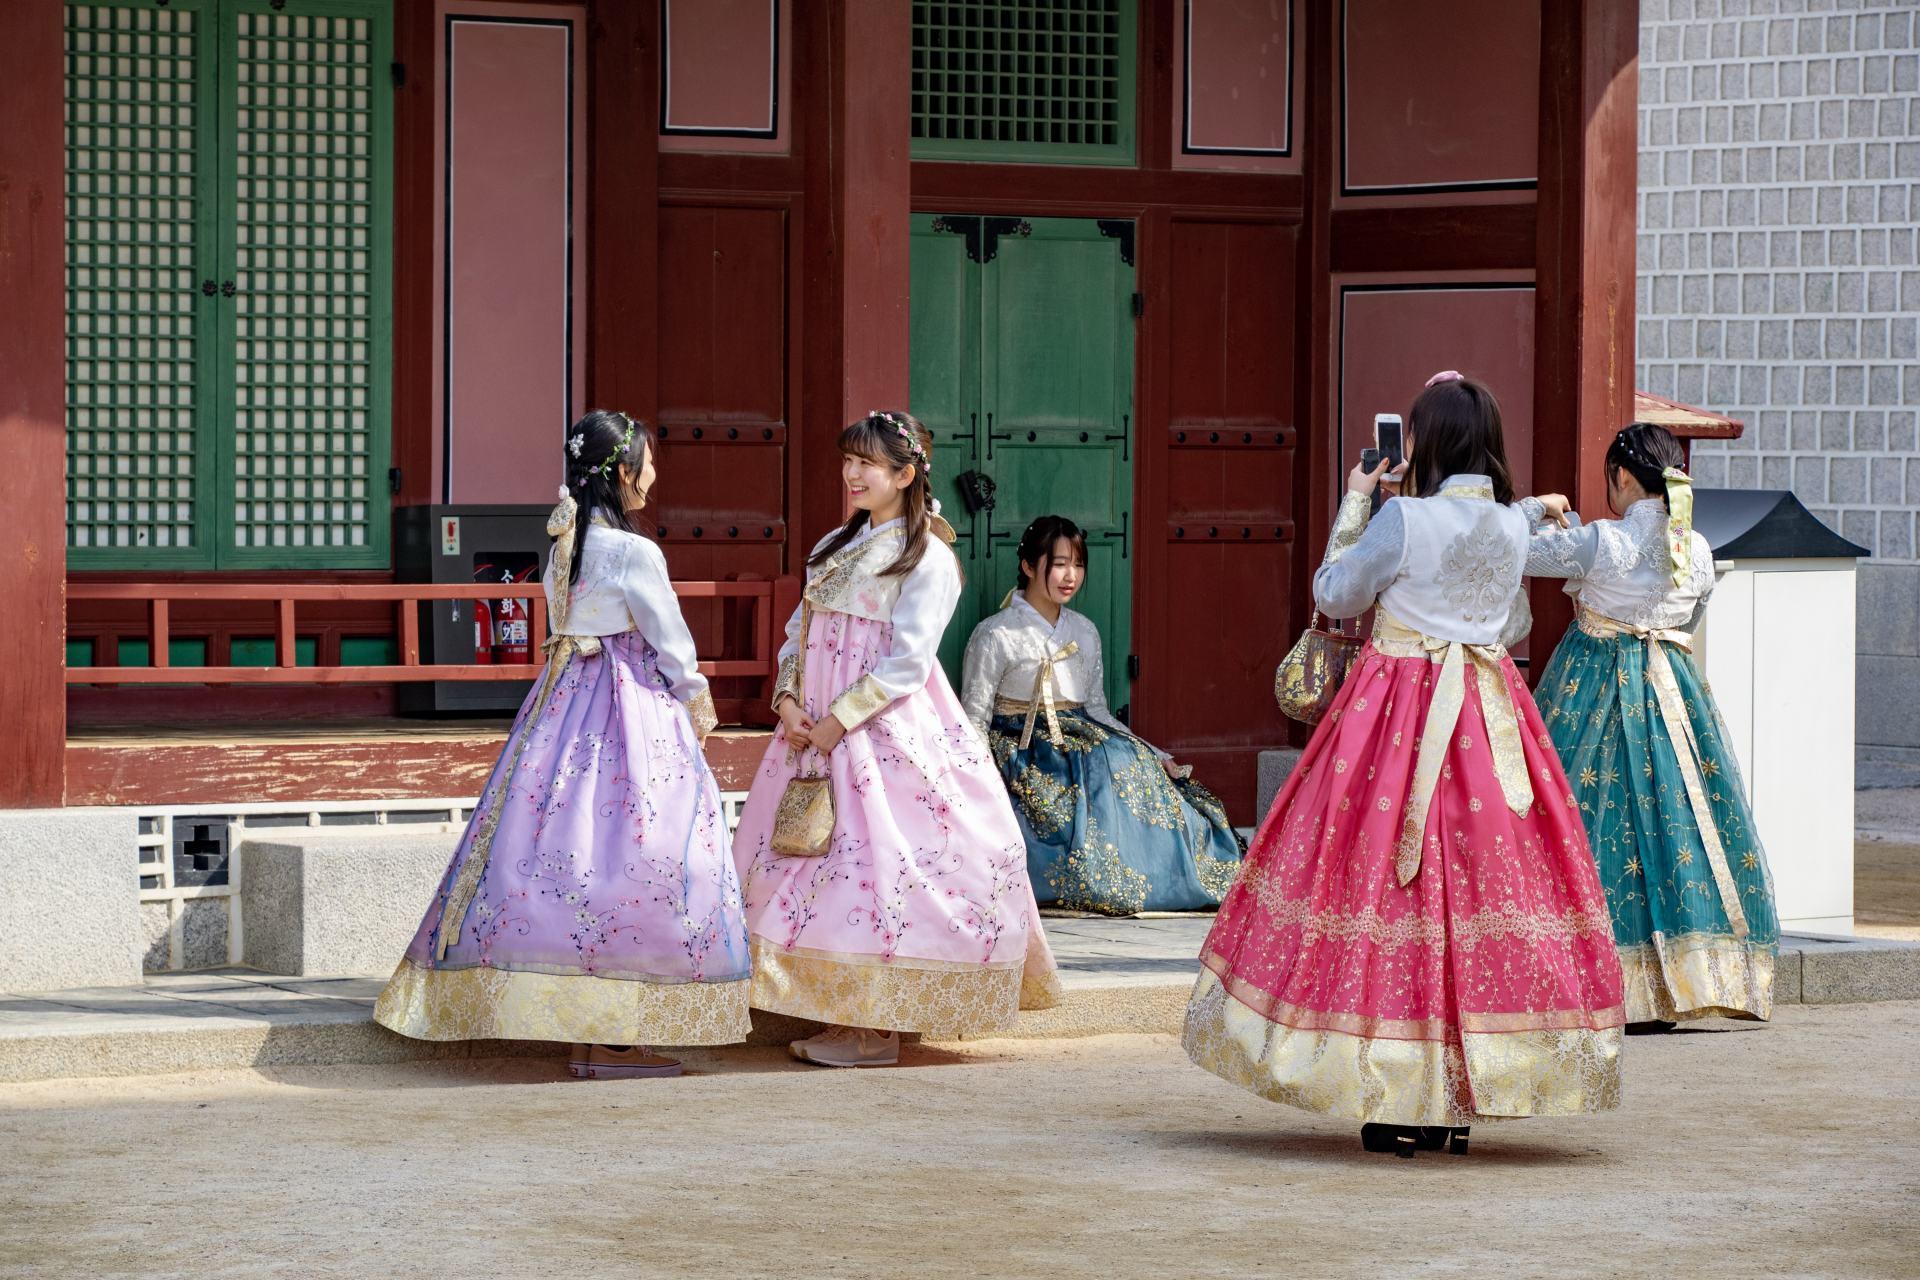 koean girls wearing a traditional hanbok